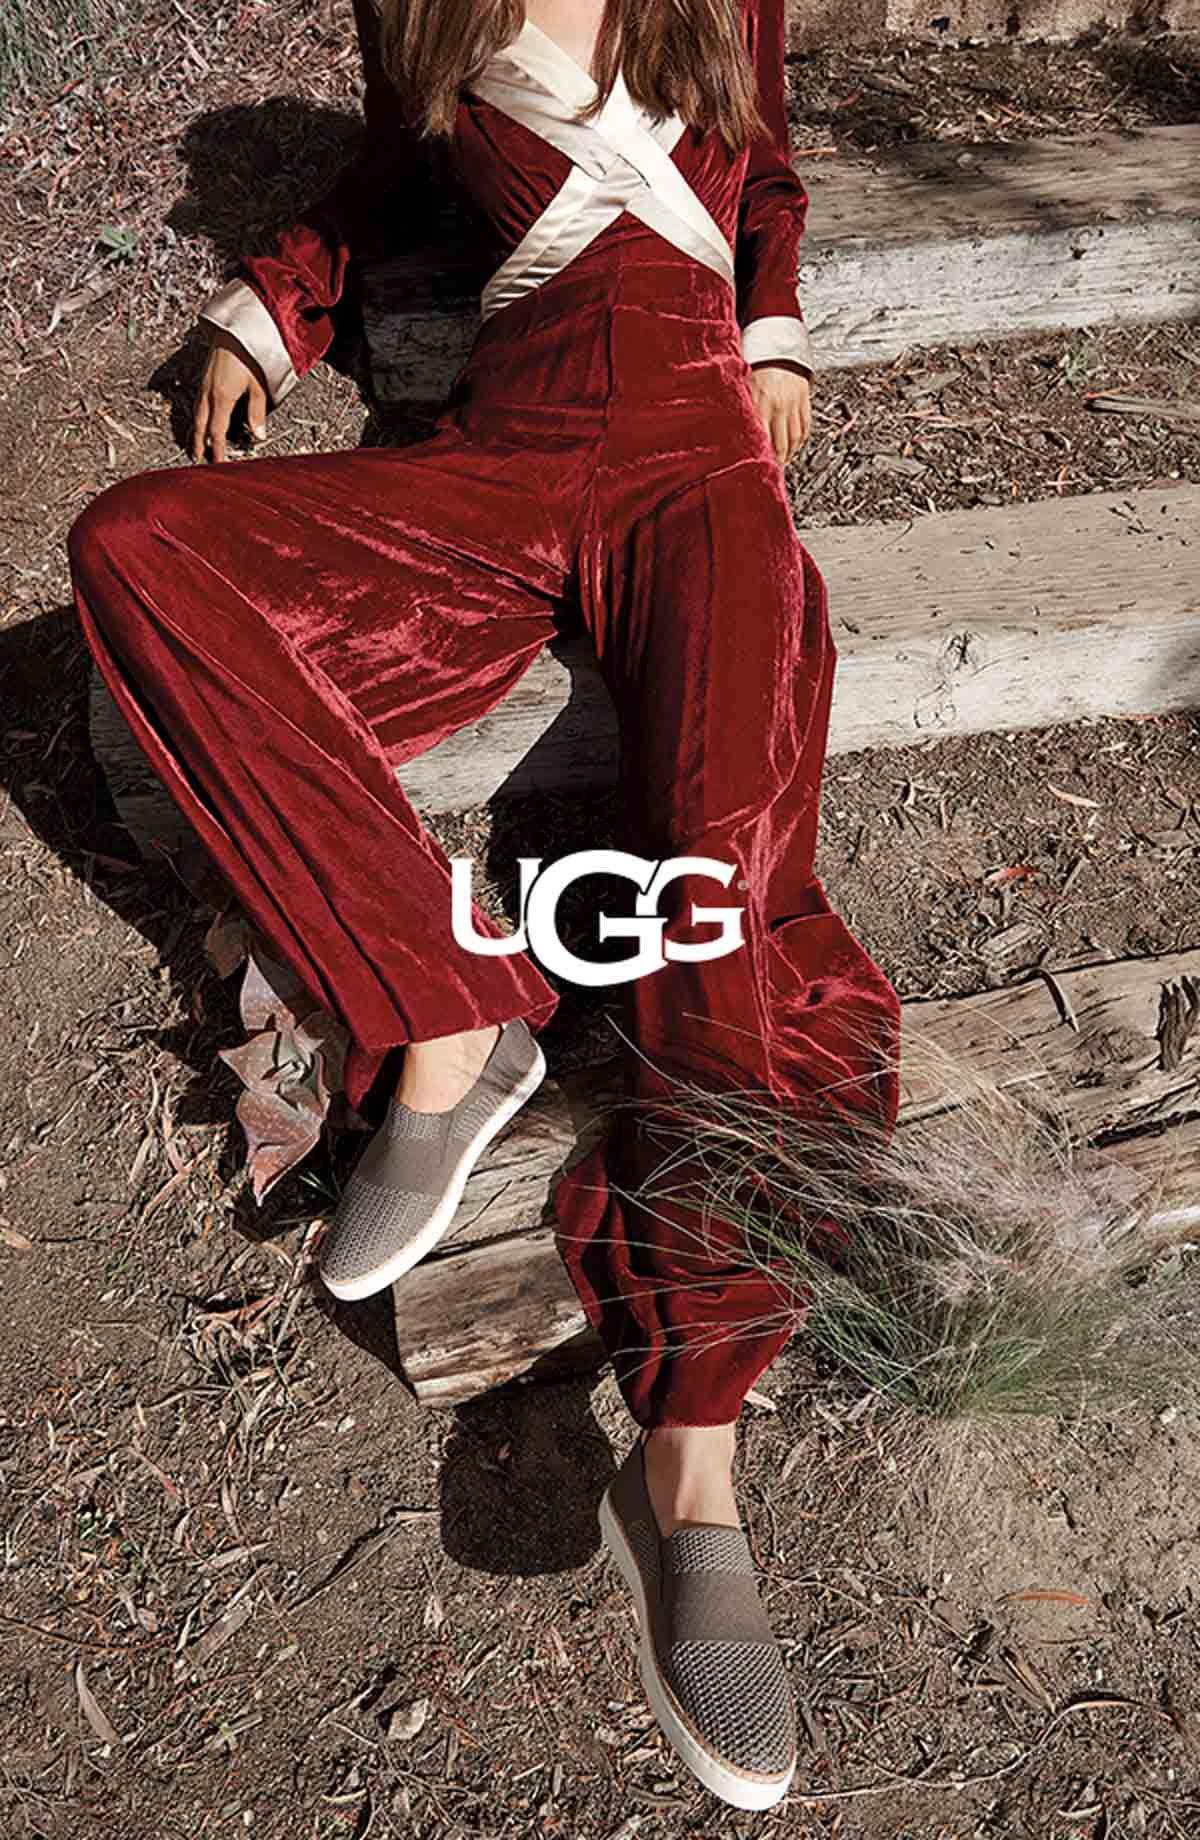 Model wearing the UGG Sammy sneaker in